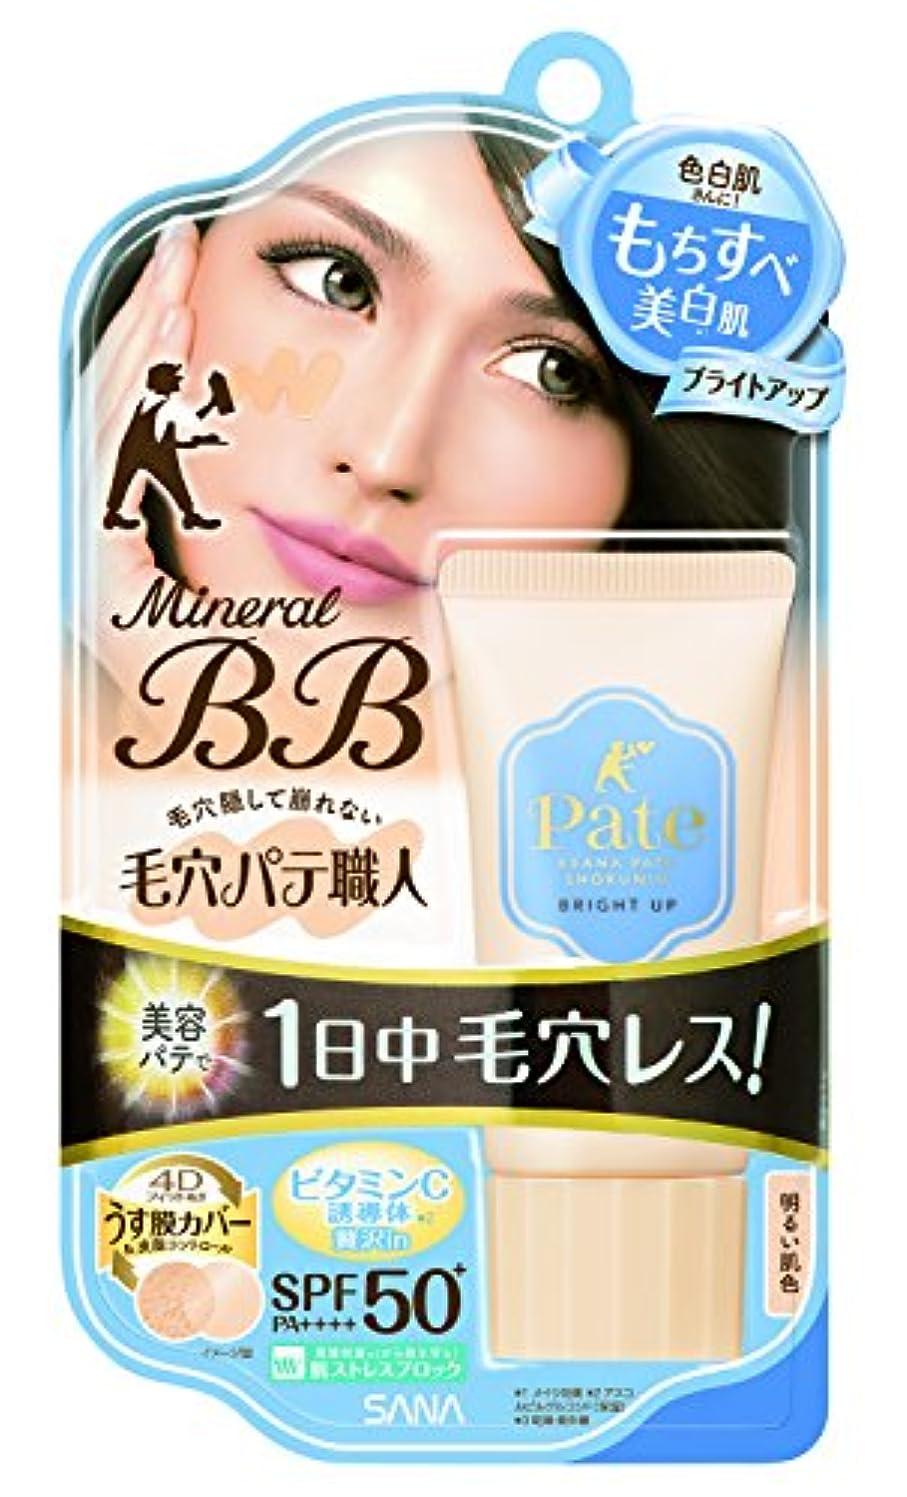 攻撃的調べるブランデー毛穴パテ職人 ミネラルBBクリーム ブライトアップ 明るい肌色 30g